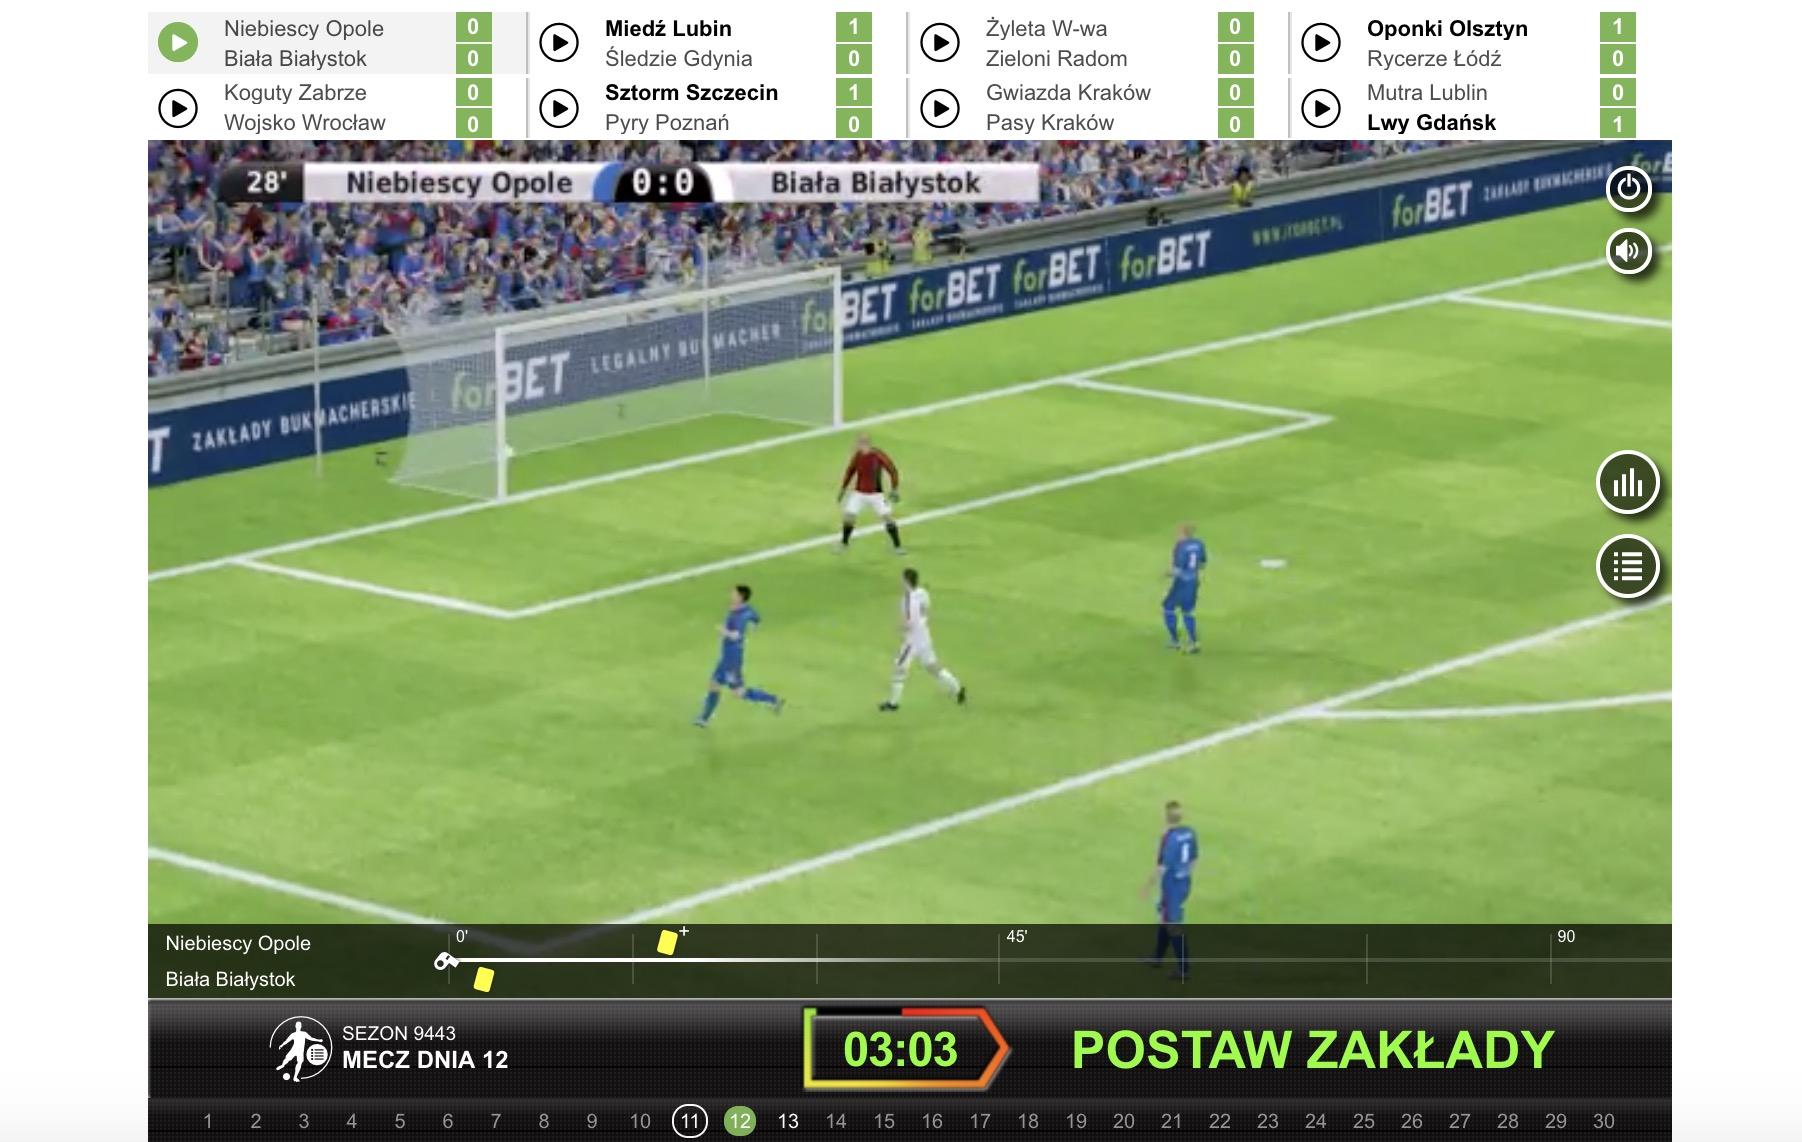 forbet wirtualne mecze